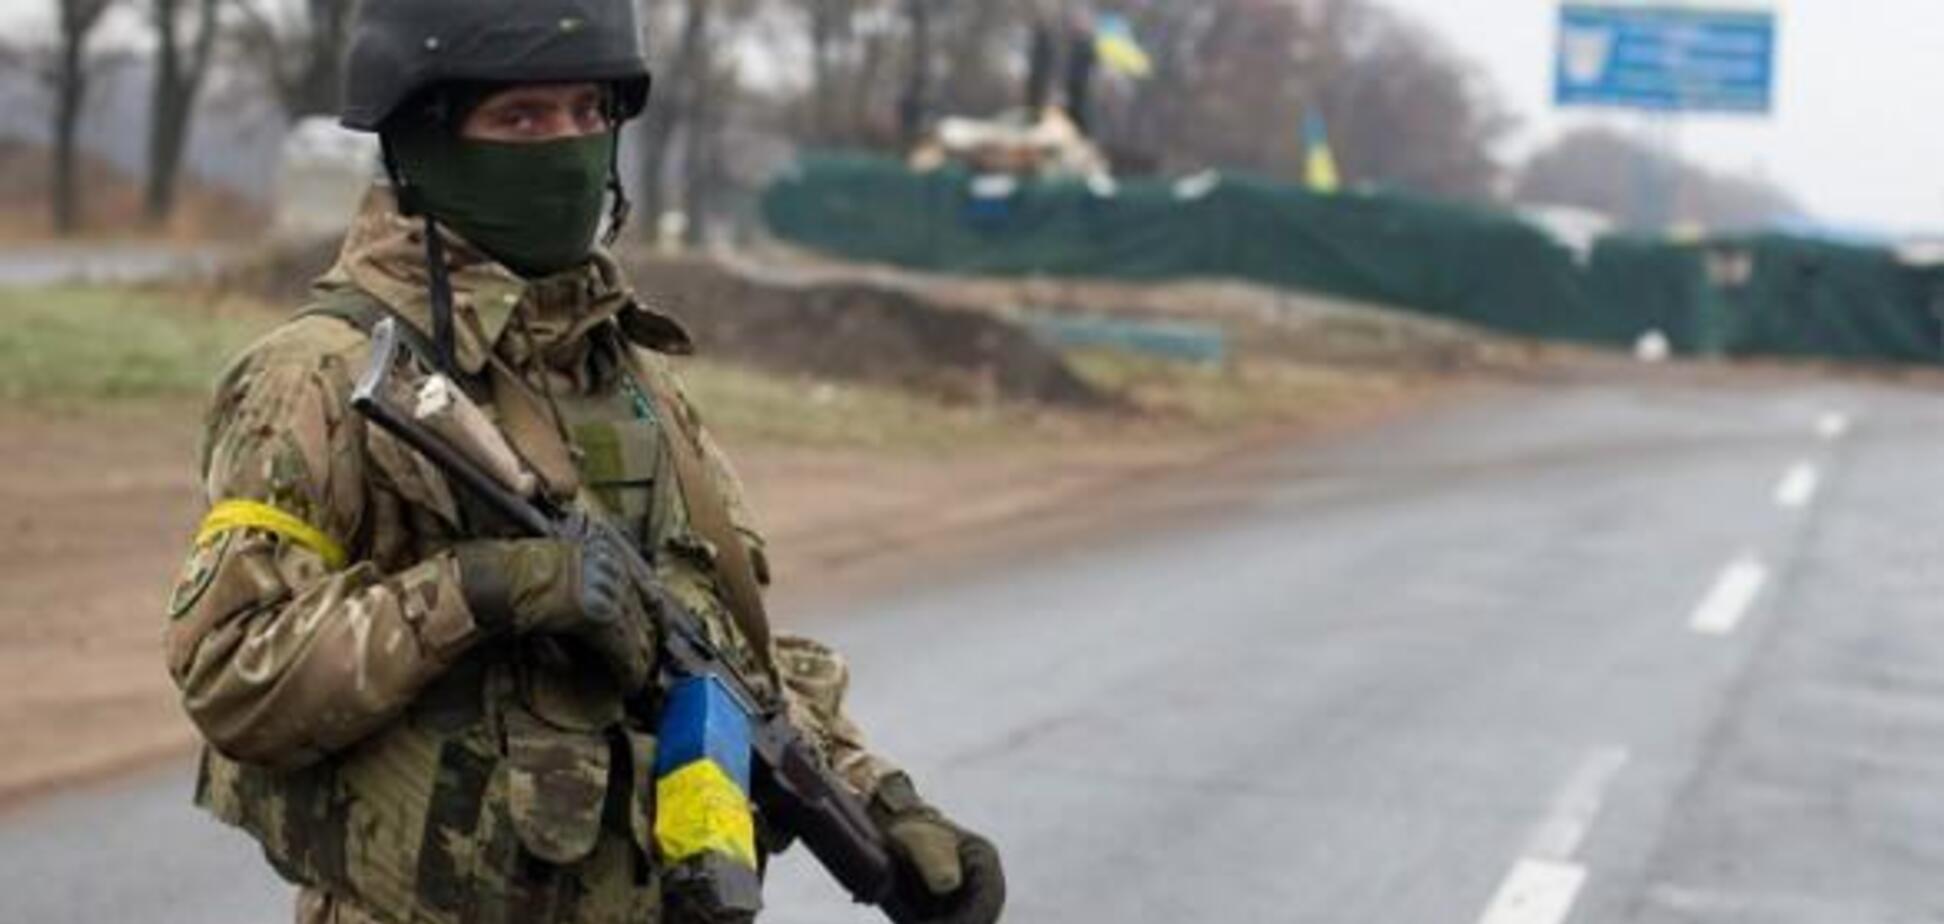 ВСУ спасали детей: 'Л/ДНР' развязали подлые бои на Донбассе